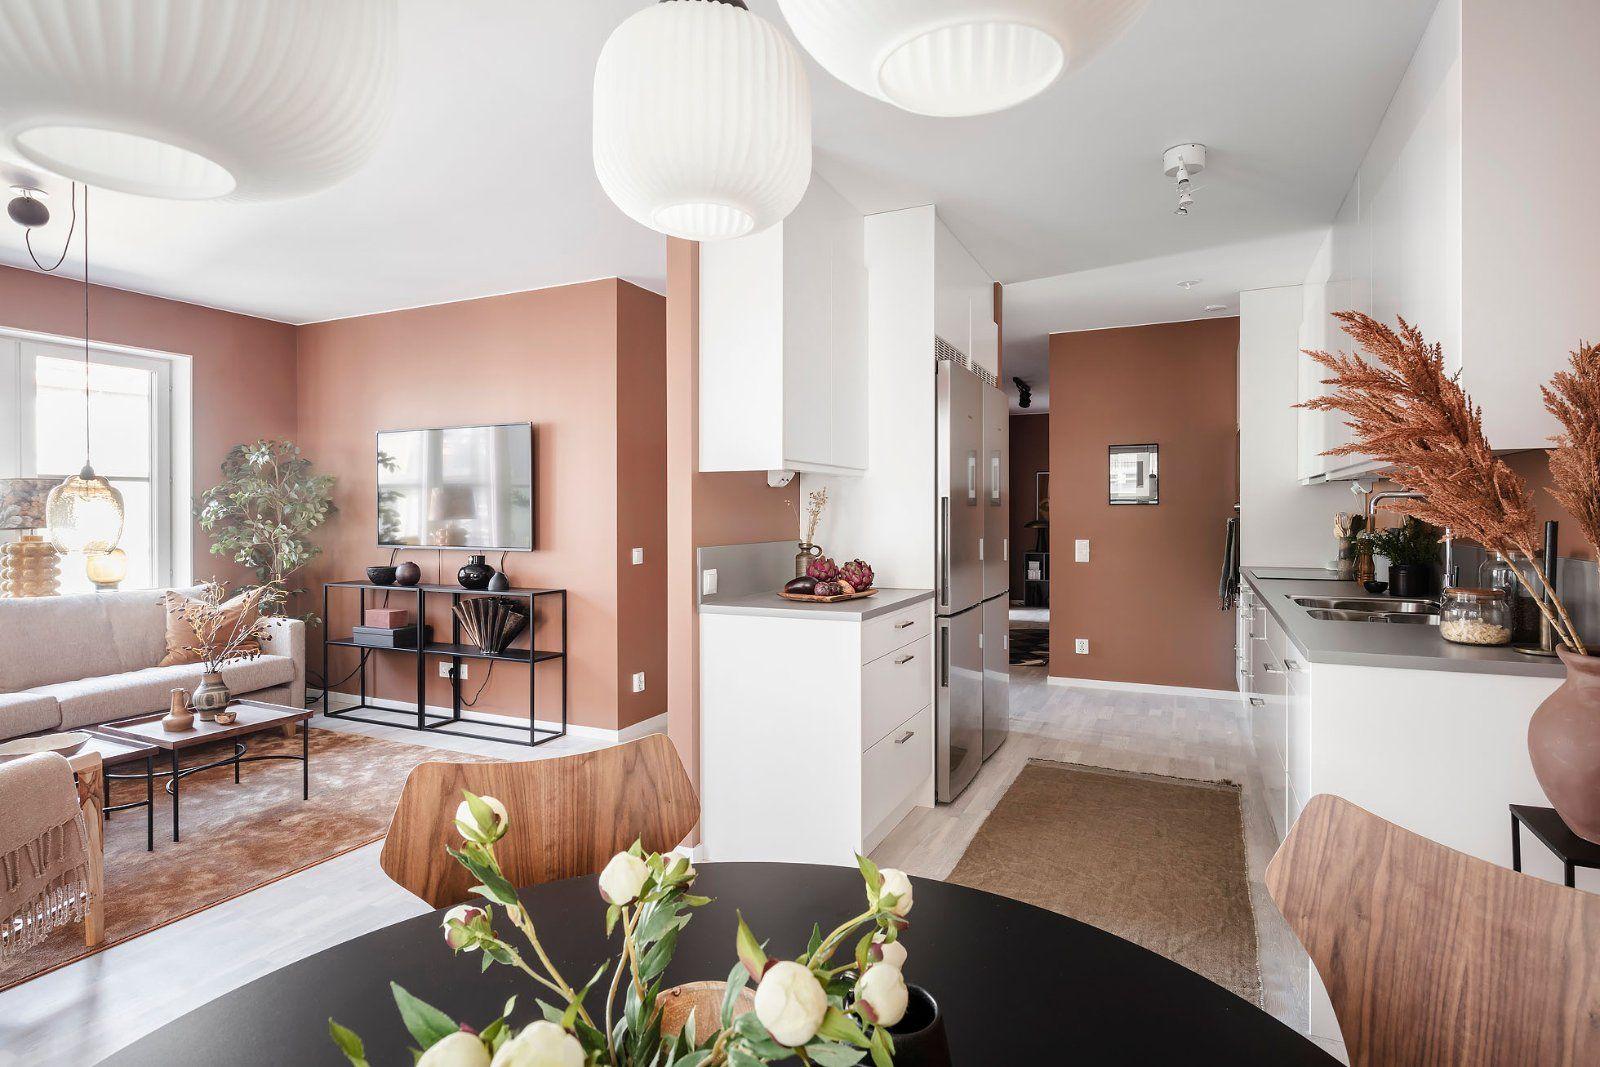 Cuisine semi-ouverte dans un appartement aux tons chauds - PLANETE DECO a homes world en 2020 ...